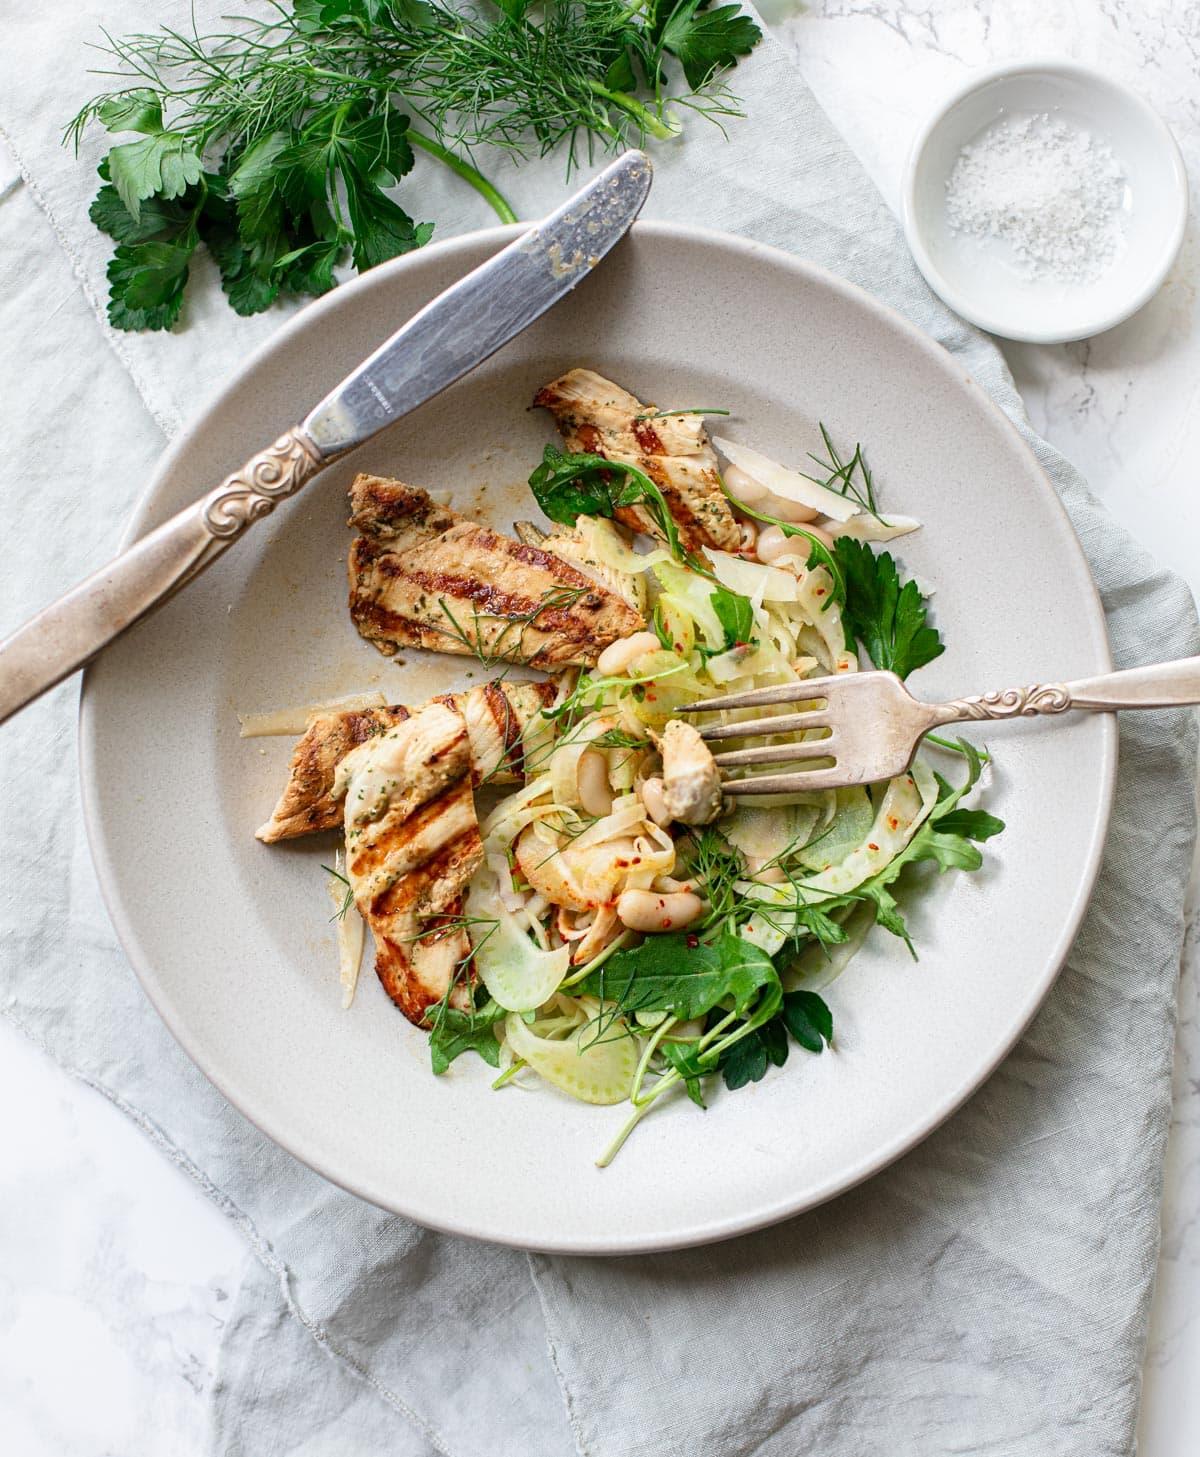 Grilled Buttermilk Chicken with Fennel Salad